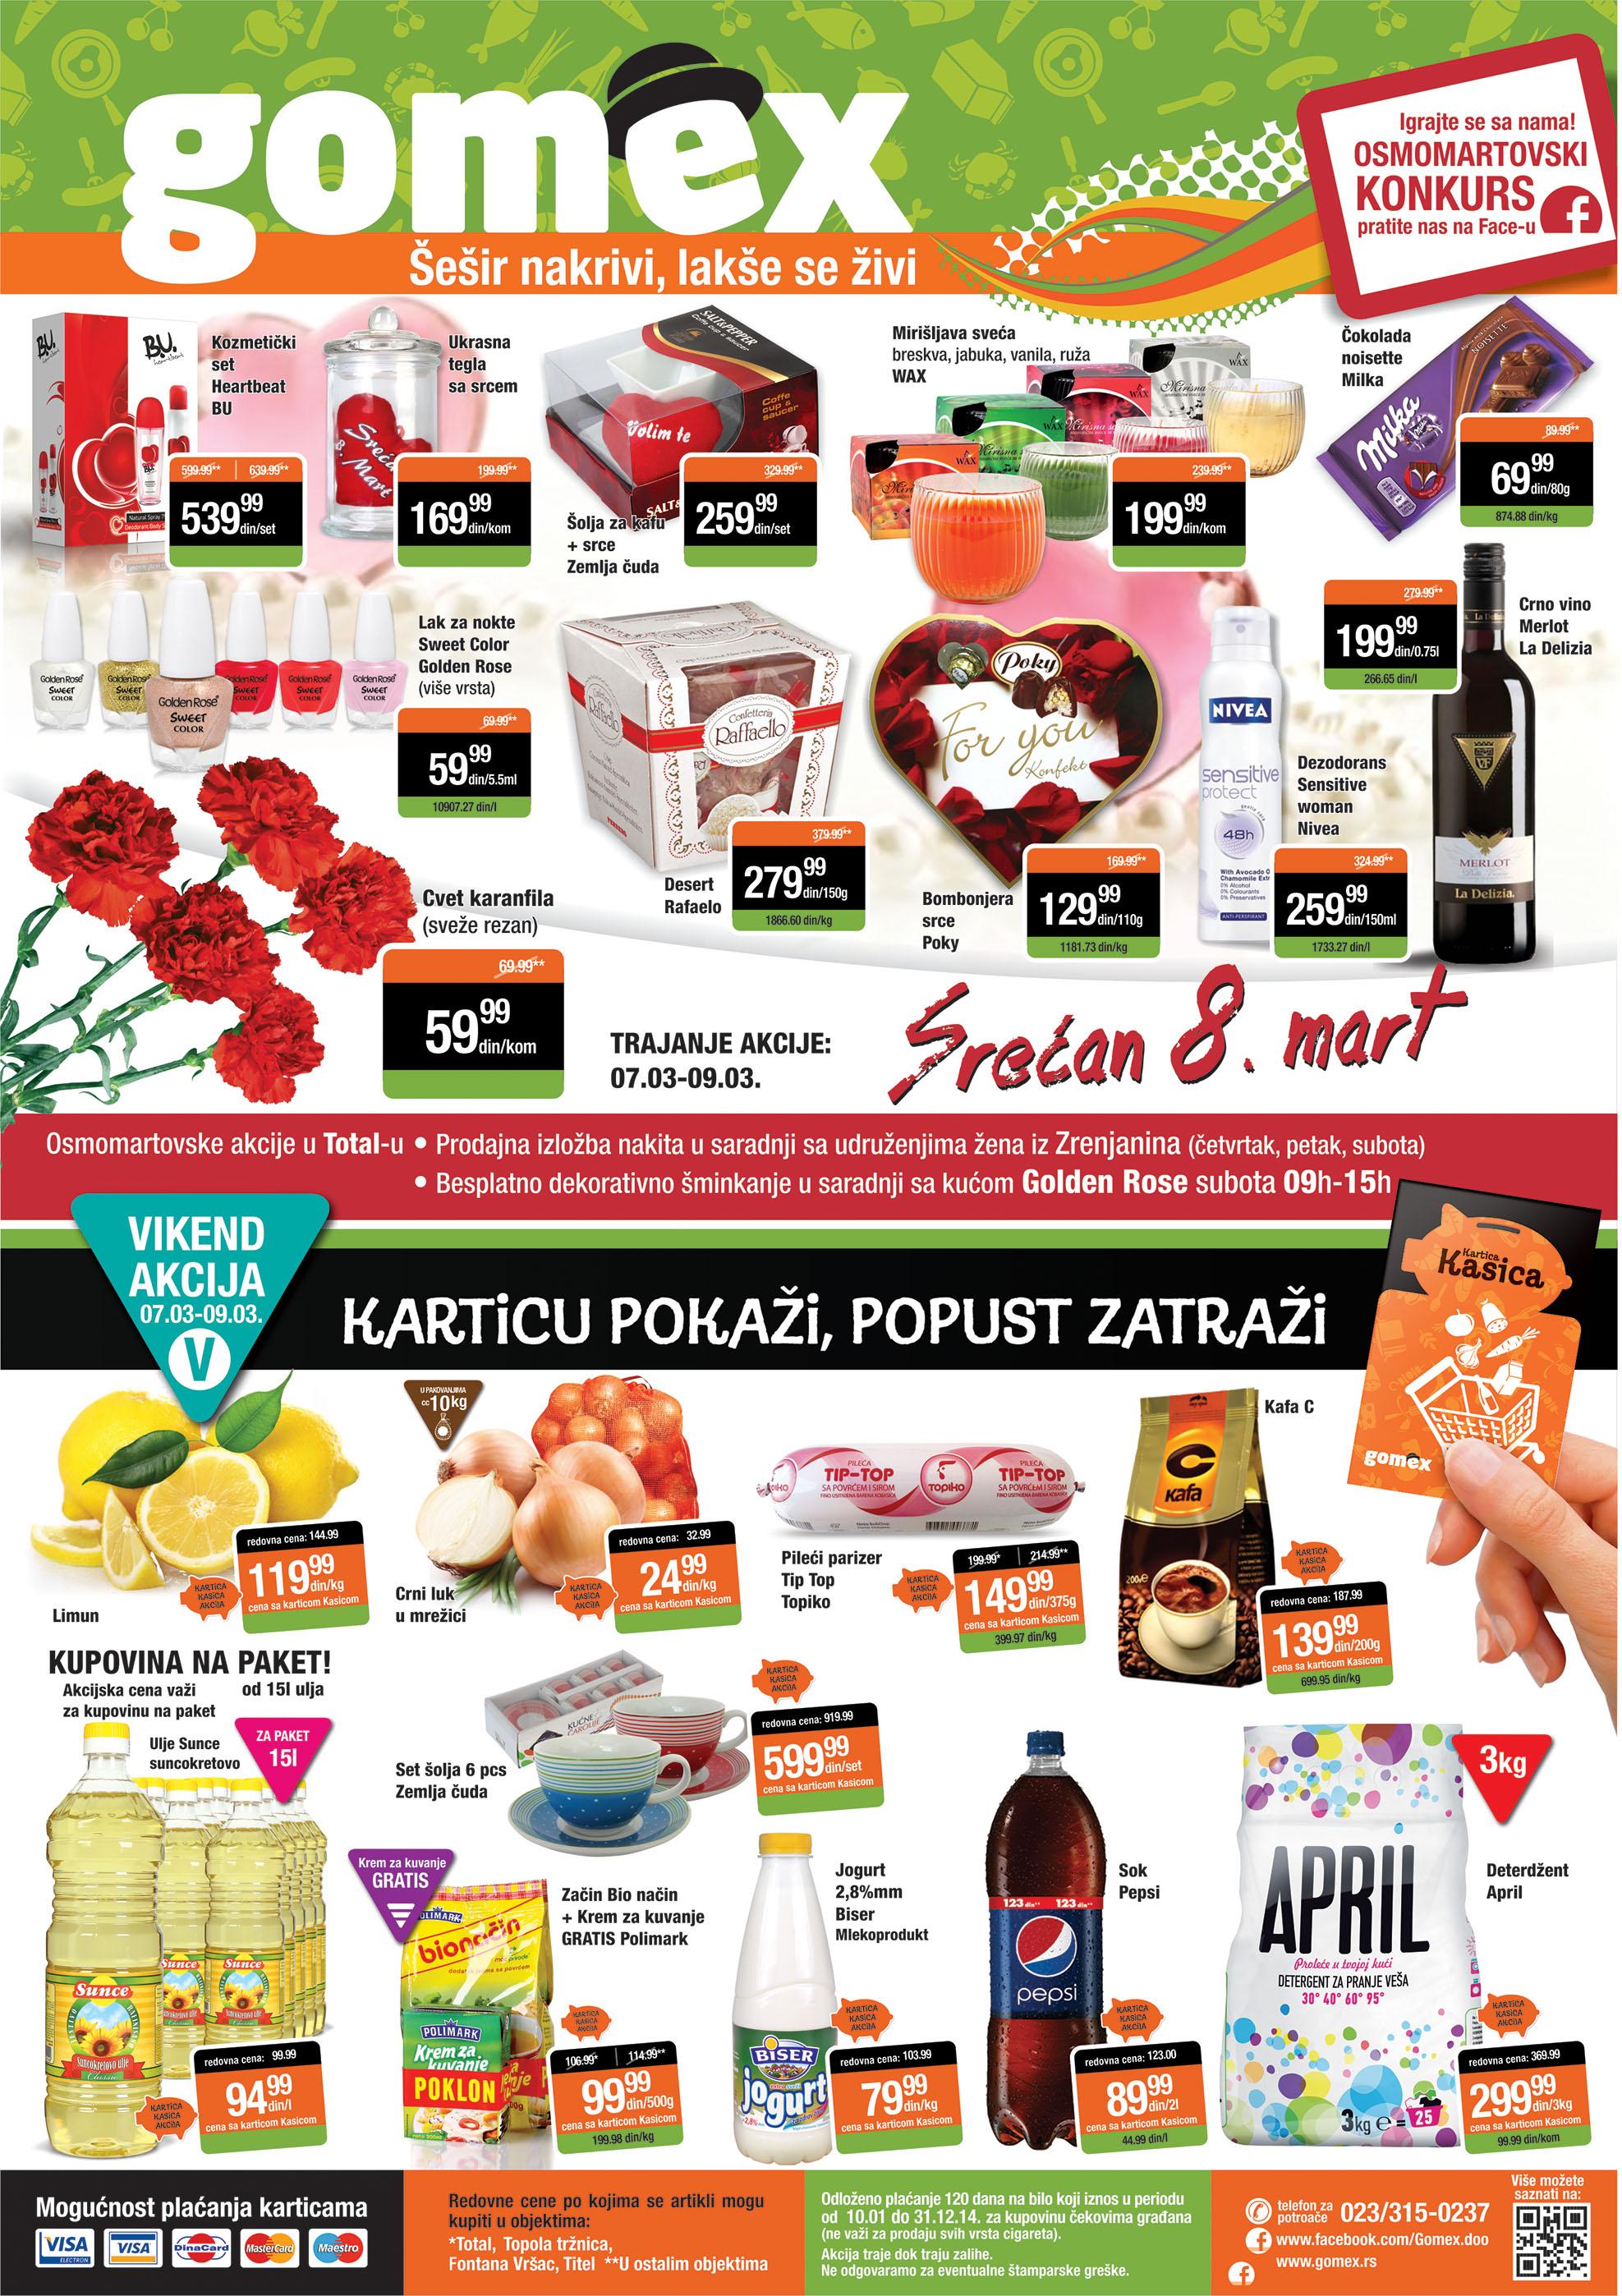 Gomex katalog vikend super cena u Zrenjaninu